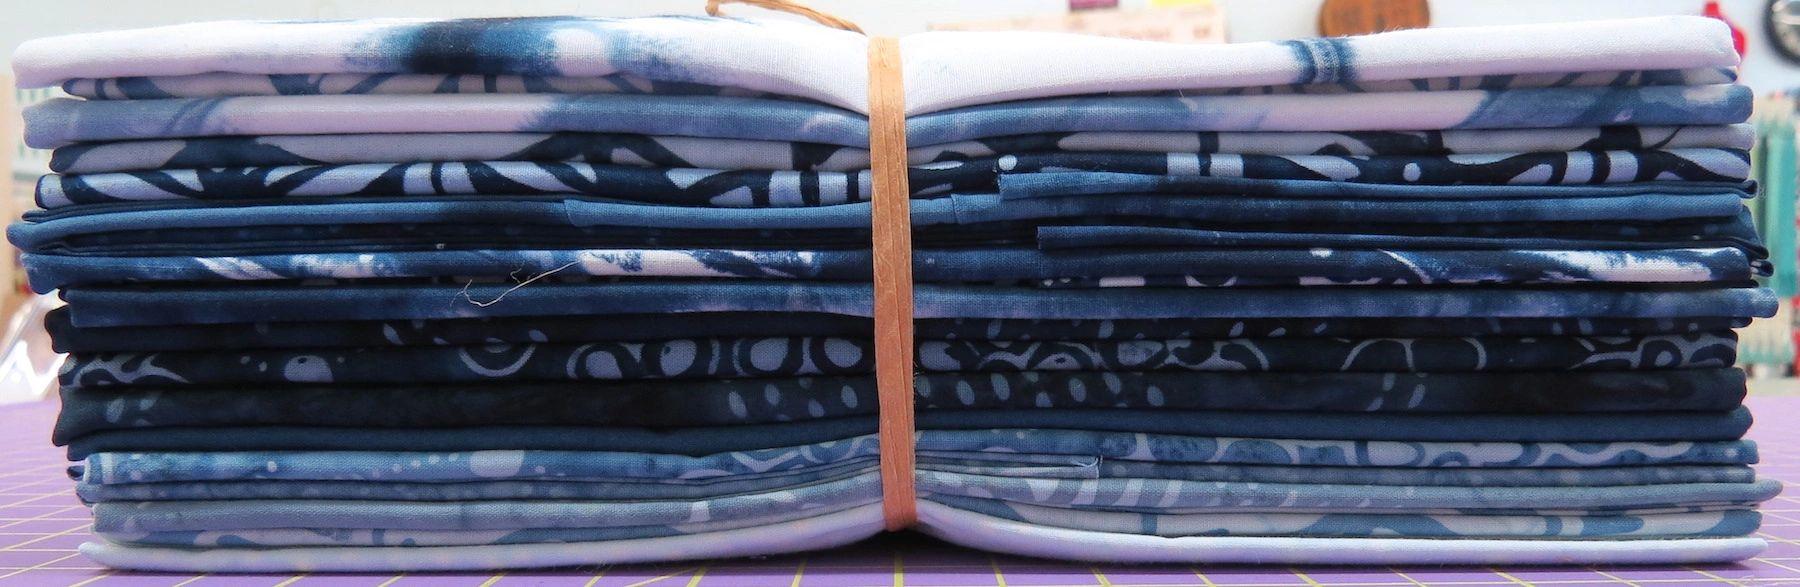 Indigo Batiks Half Yard Cuts 20 Piece Bundle